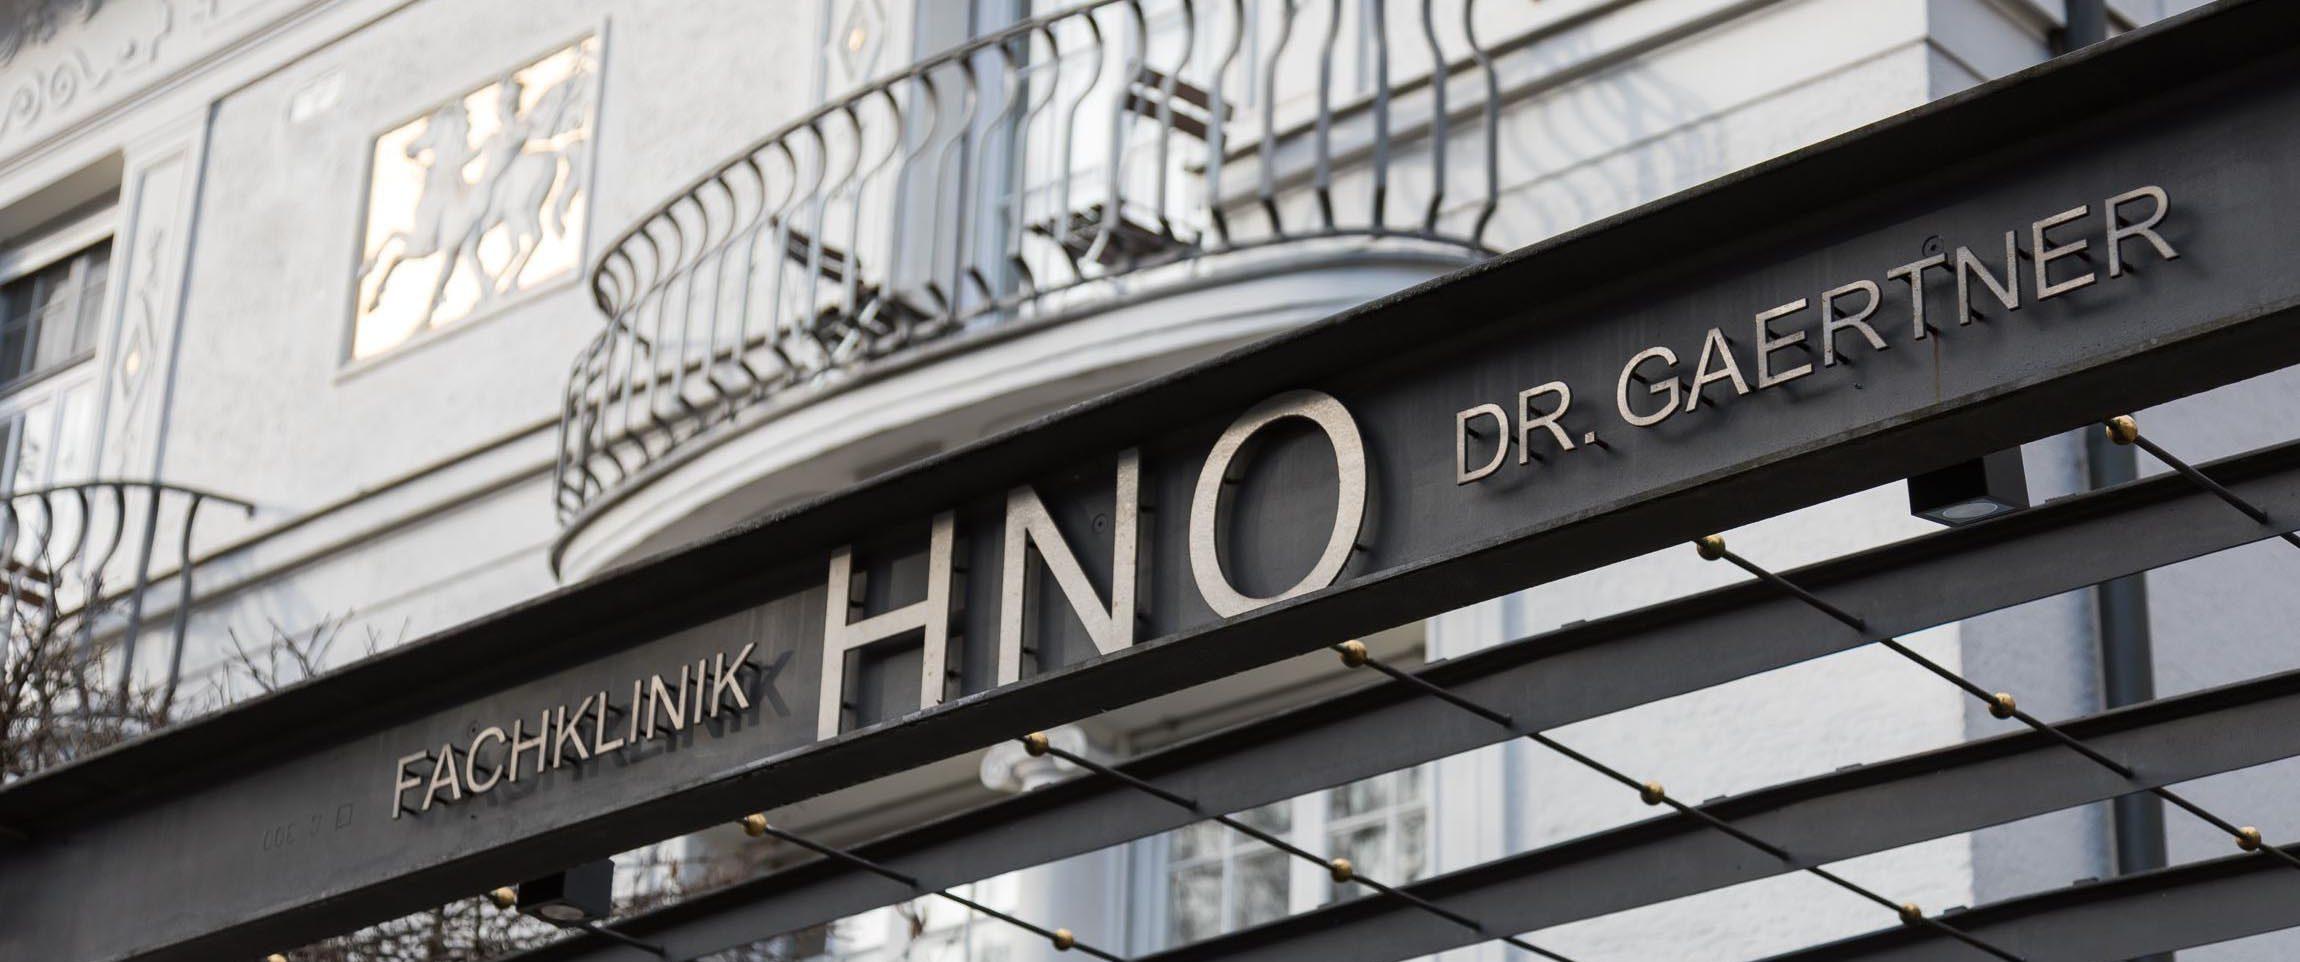 Willkommen Zur GaertnerKlinik  HNO Klinik Bogenhausen in München